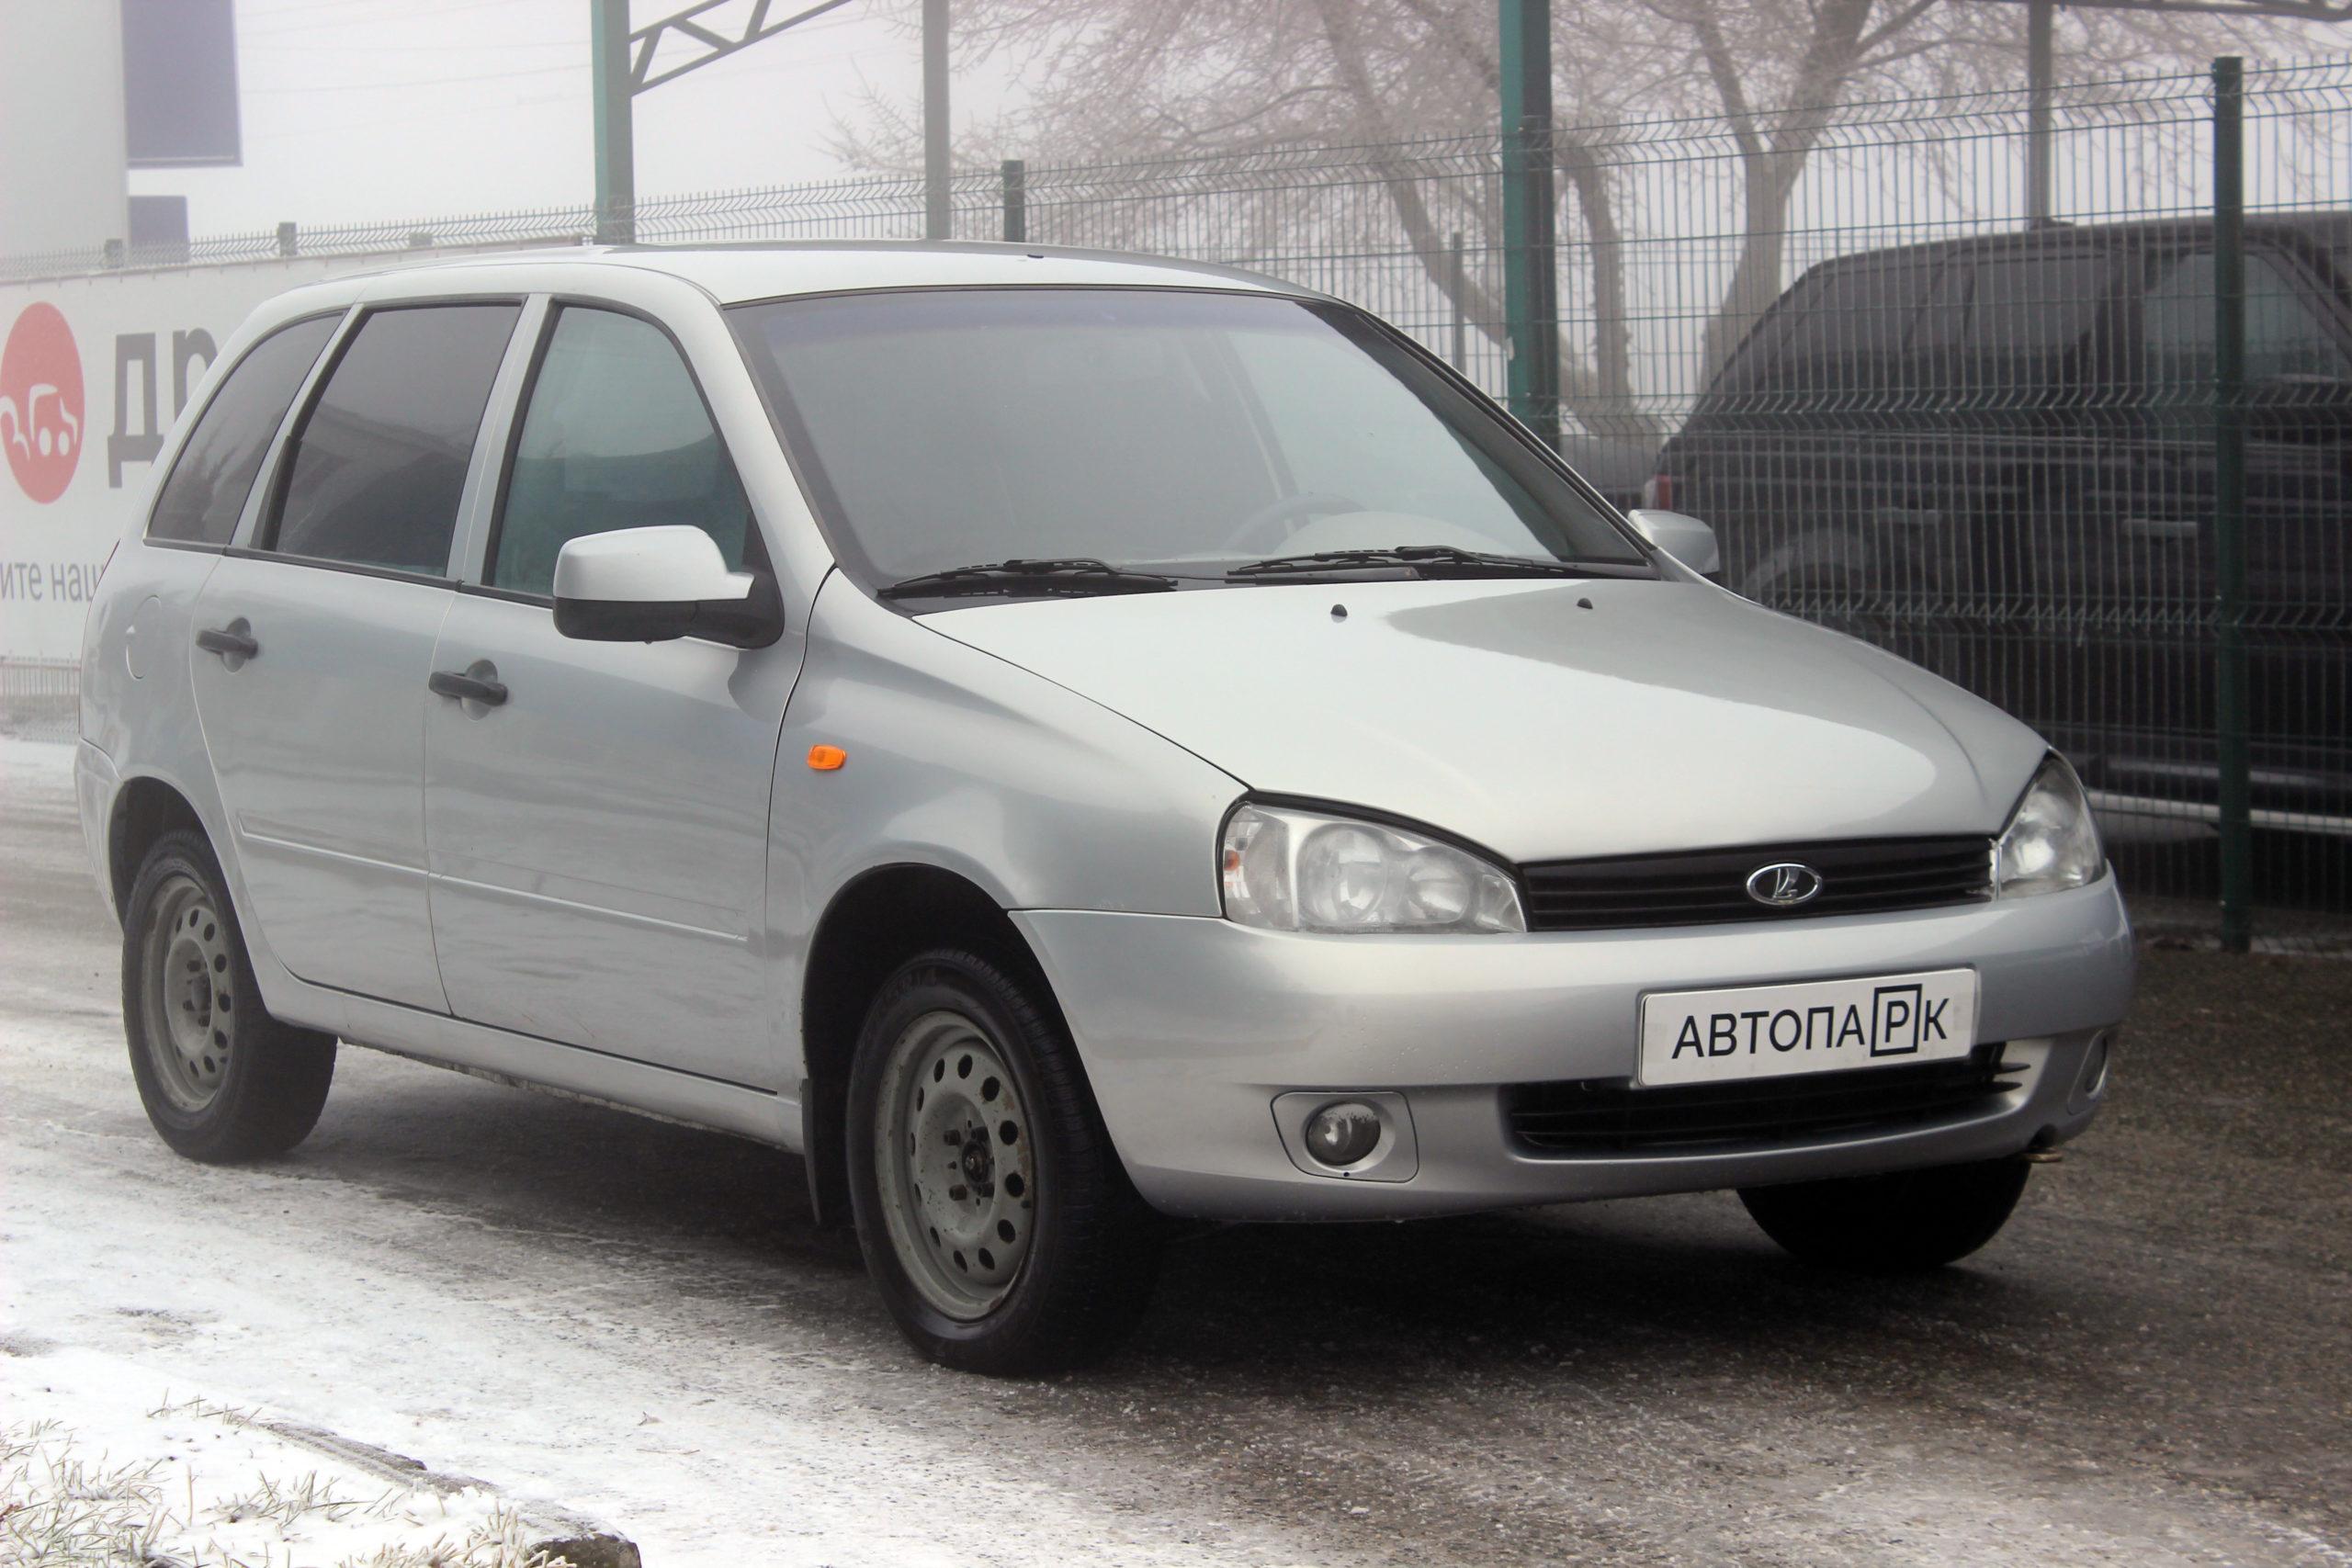 Купить LADA Kalina (Серебристый ) - Автопарк Ставрополь